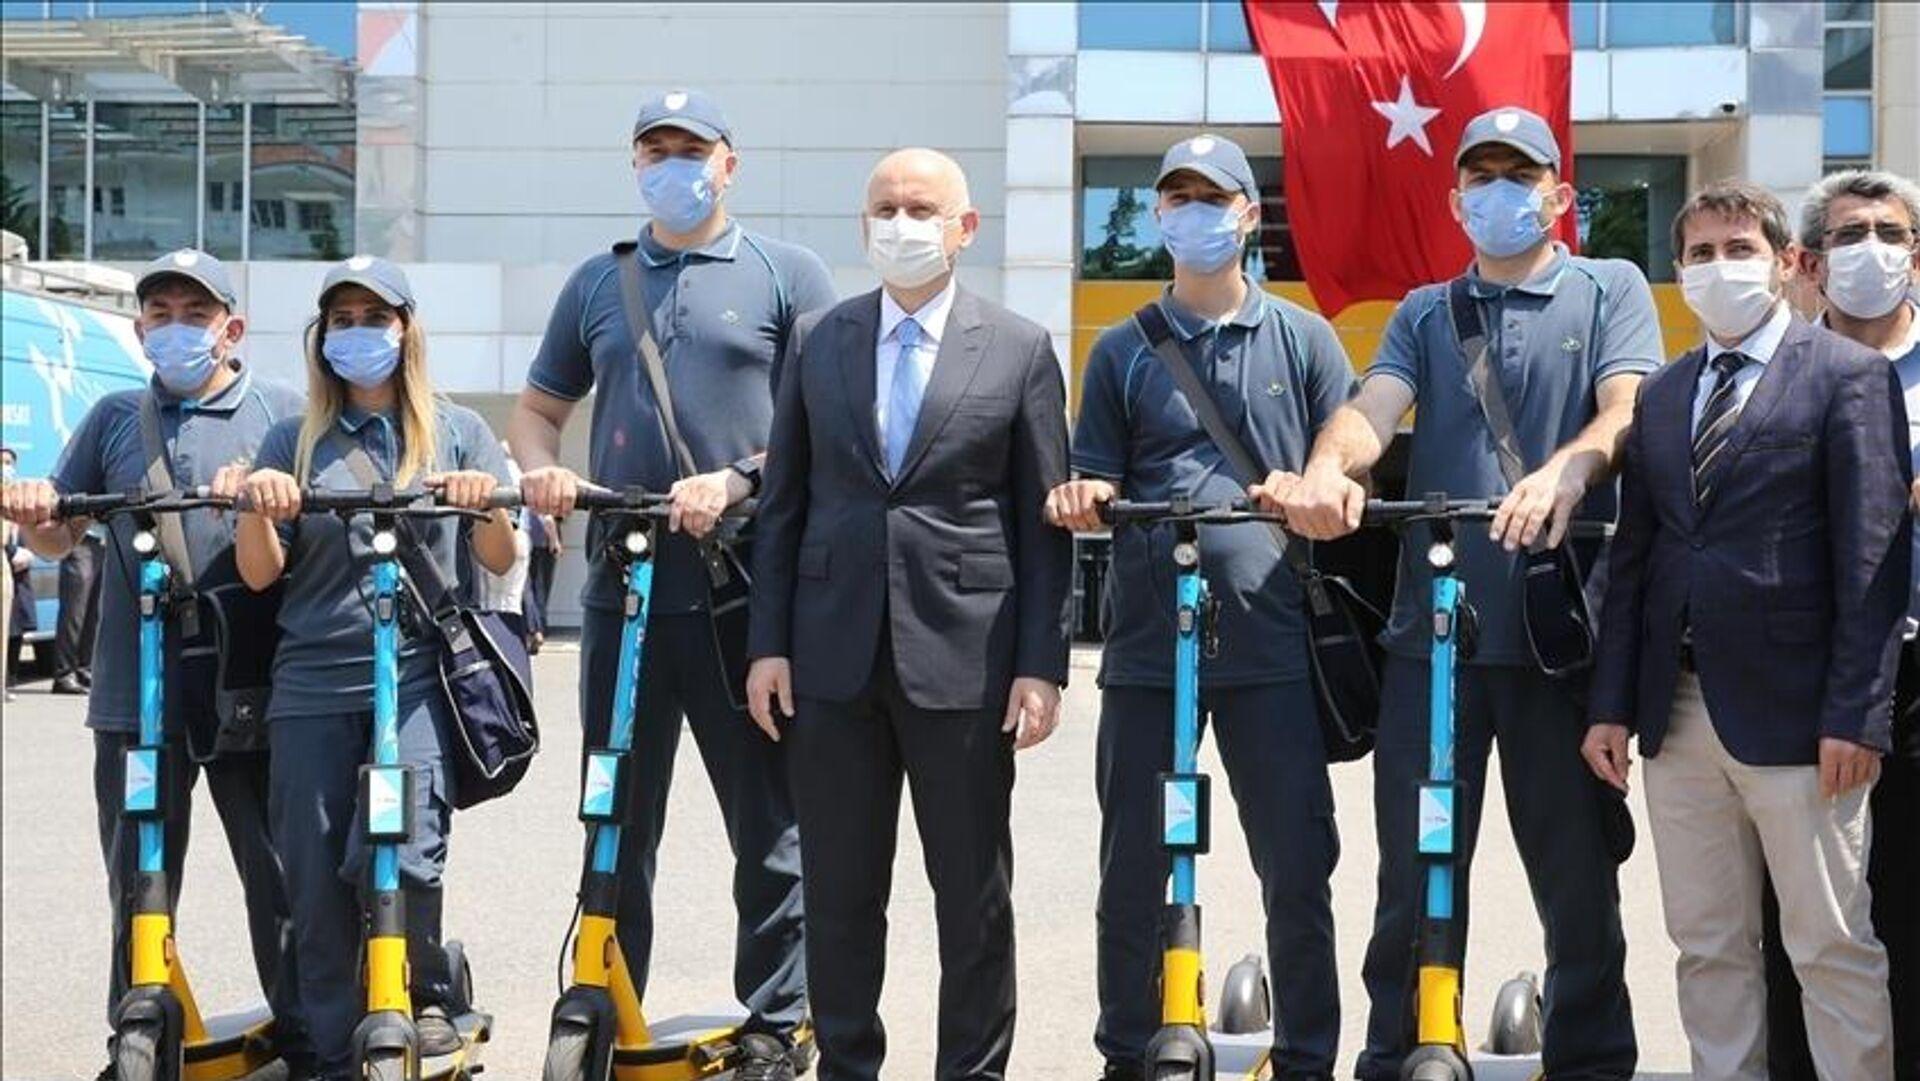 PTT'nin e-scooter'lı postacıları, Adil Karaismailoğlu - Sputnik Türkiye, 1920, 22.08.2021